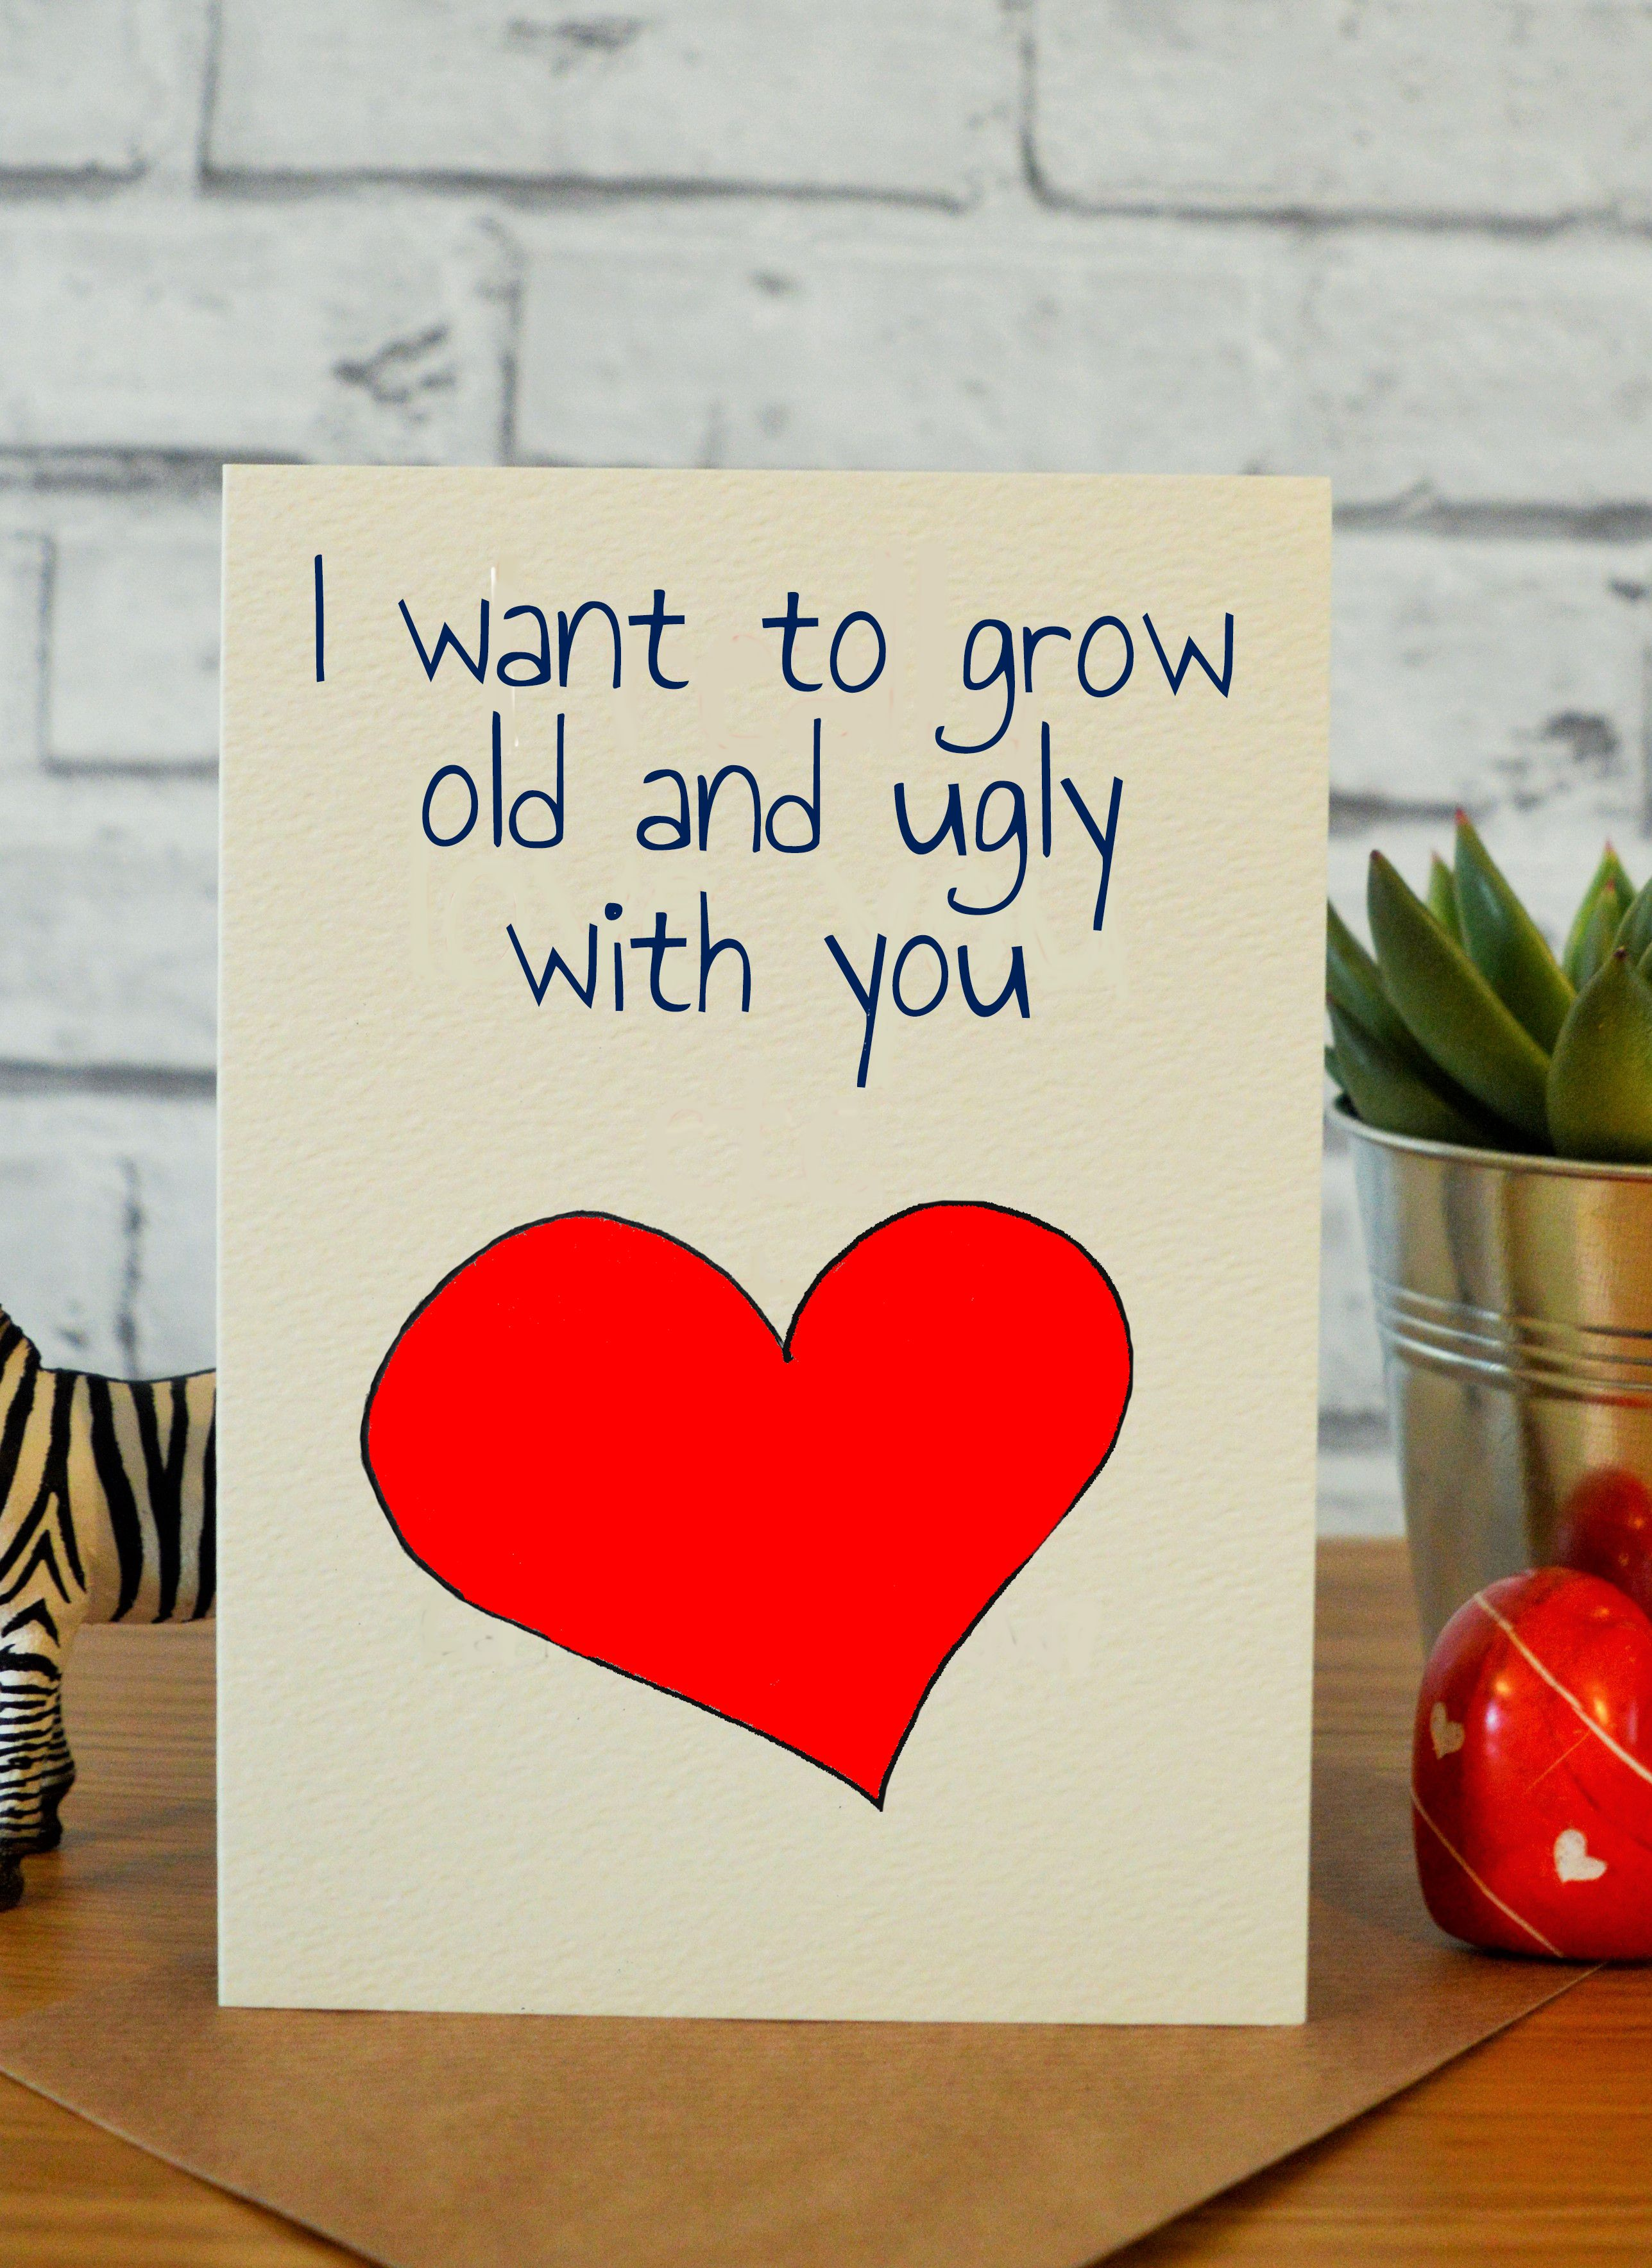 Attractive Ny Anniversary Ny Valentines Day Card Husband Wife Ny Valentine S Day Cards Ny Valentines Day Cards Husband Card Girlfriend Card Ugly Ny Card Card